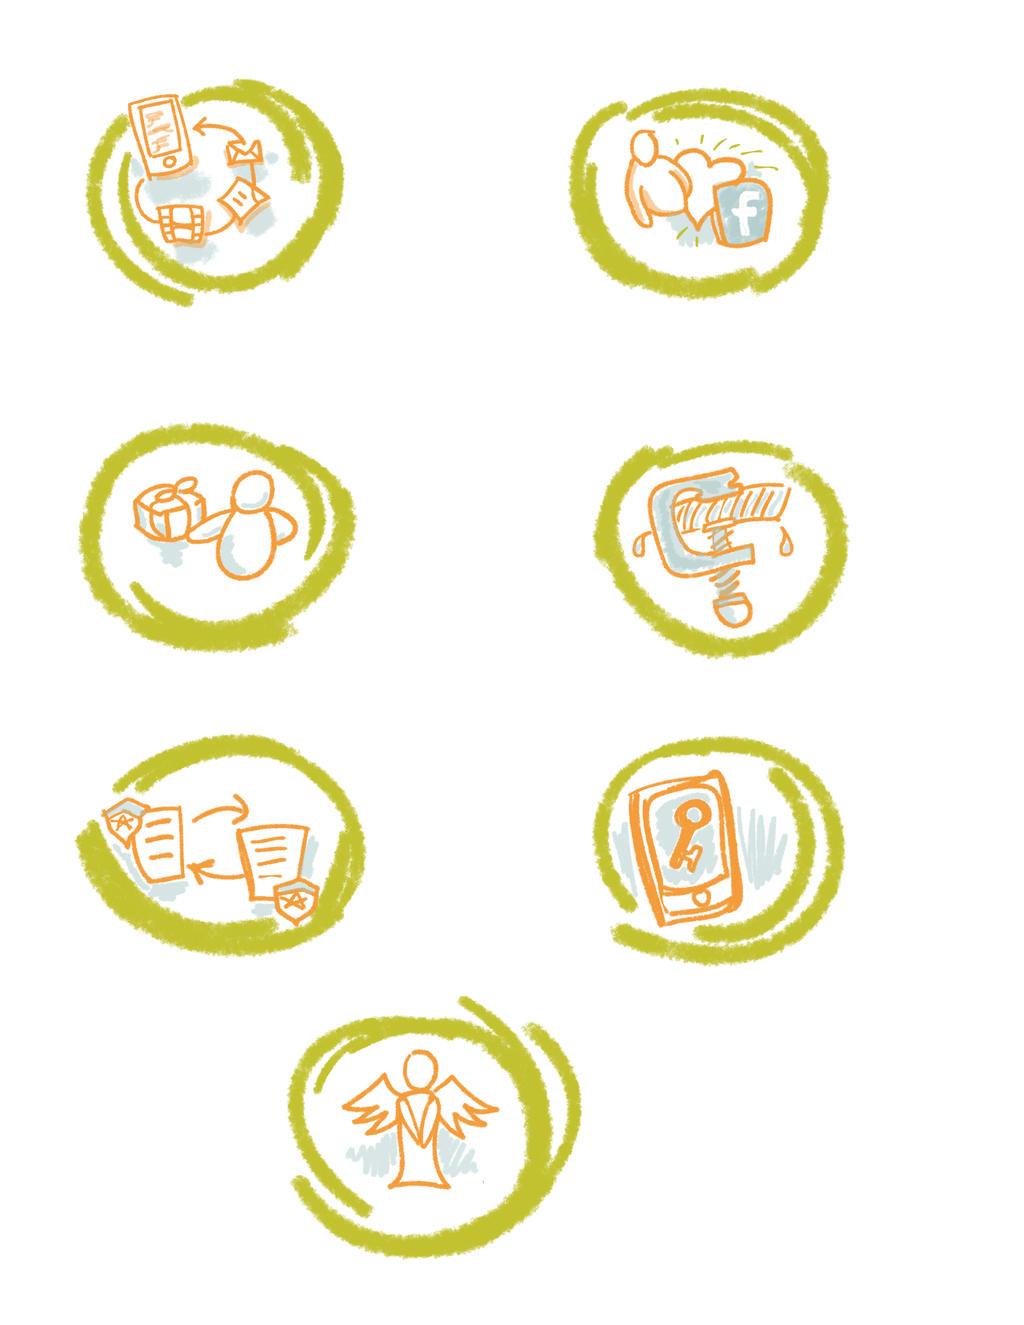 7 Things-jpeg simple icons by versonova